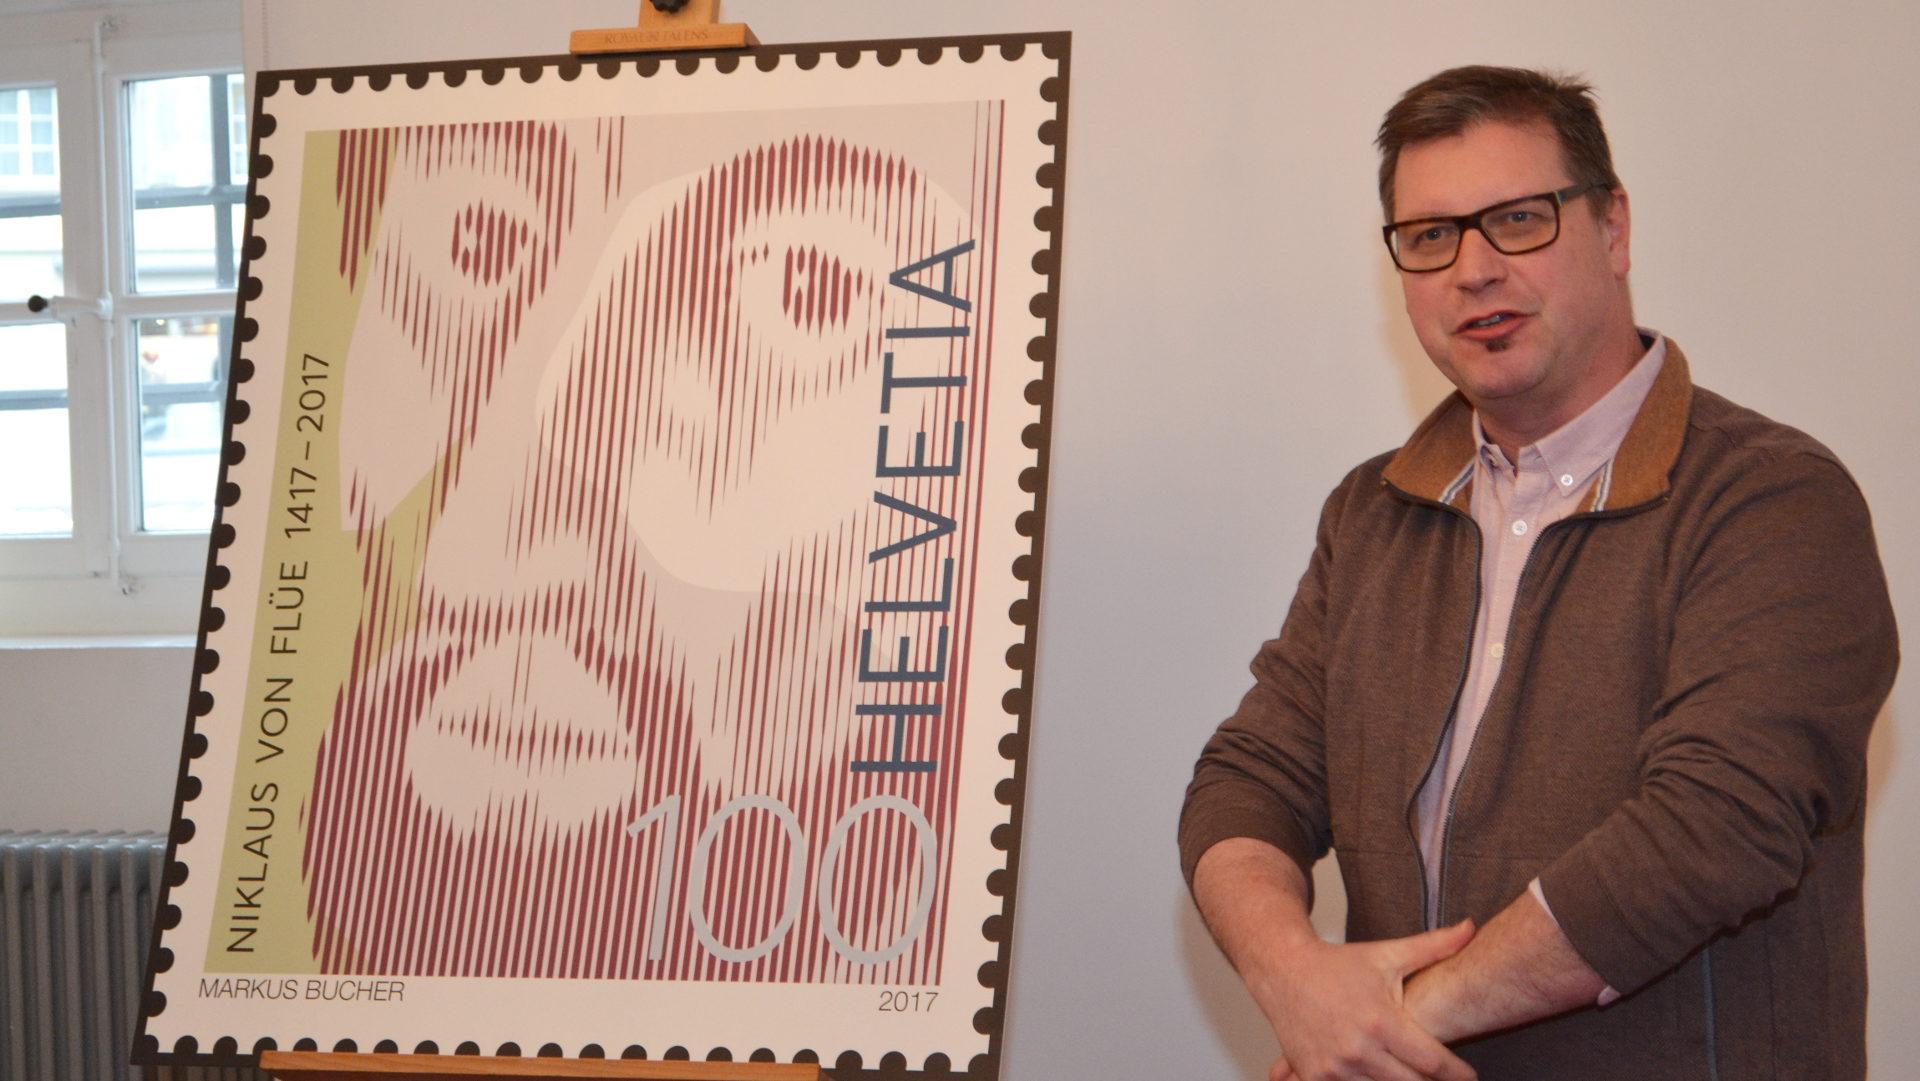 Markus Bucher, Gestalter der Sondermarke | © Sylvia Stam